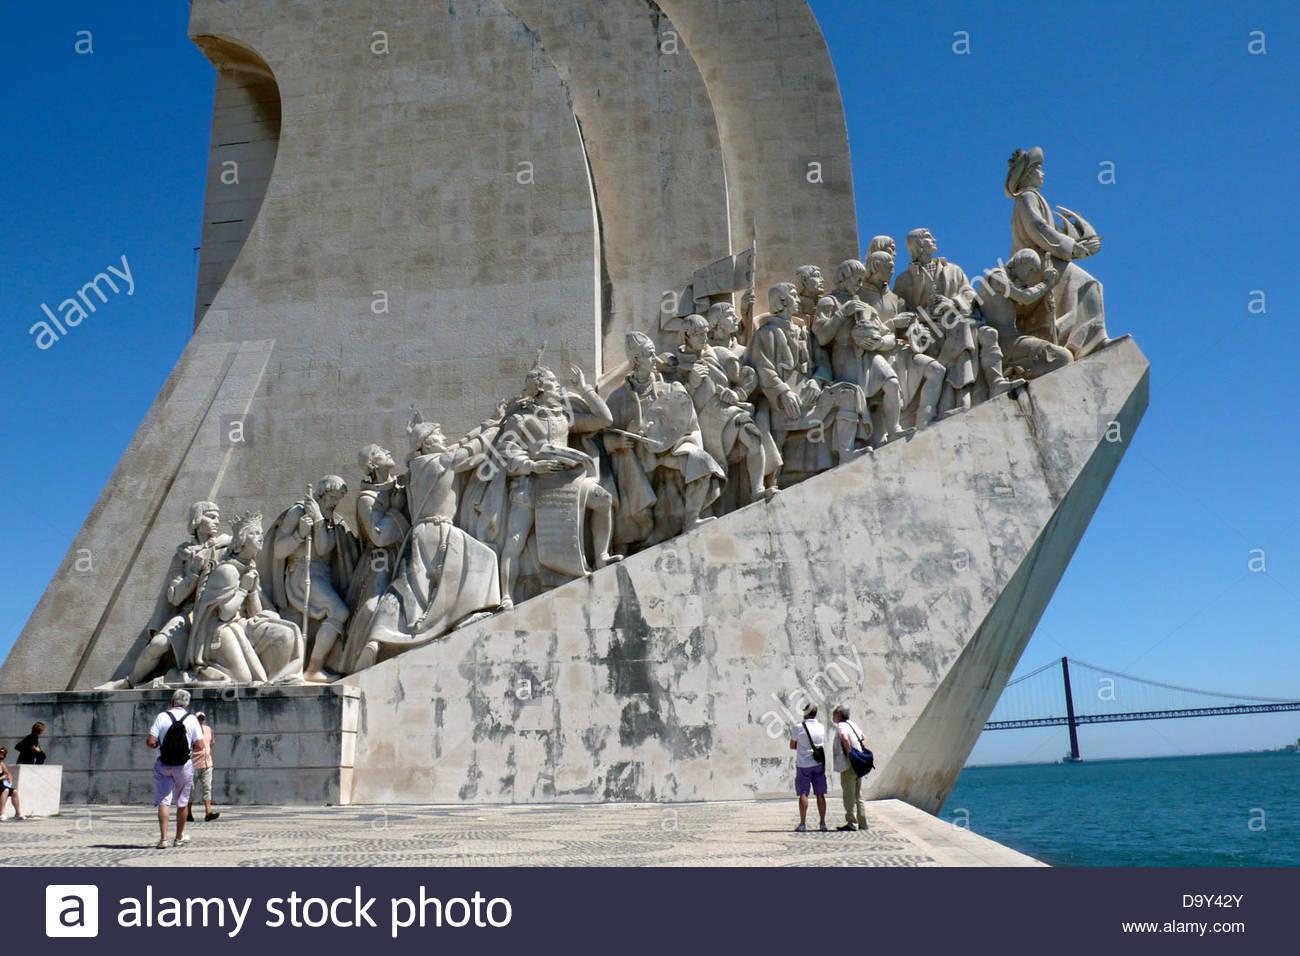 Padrao dos Descobrimentos,Lisbon,Portugal - Stock Image